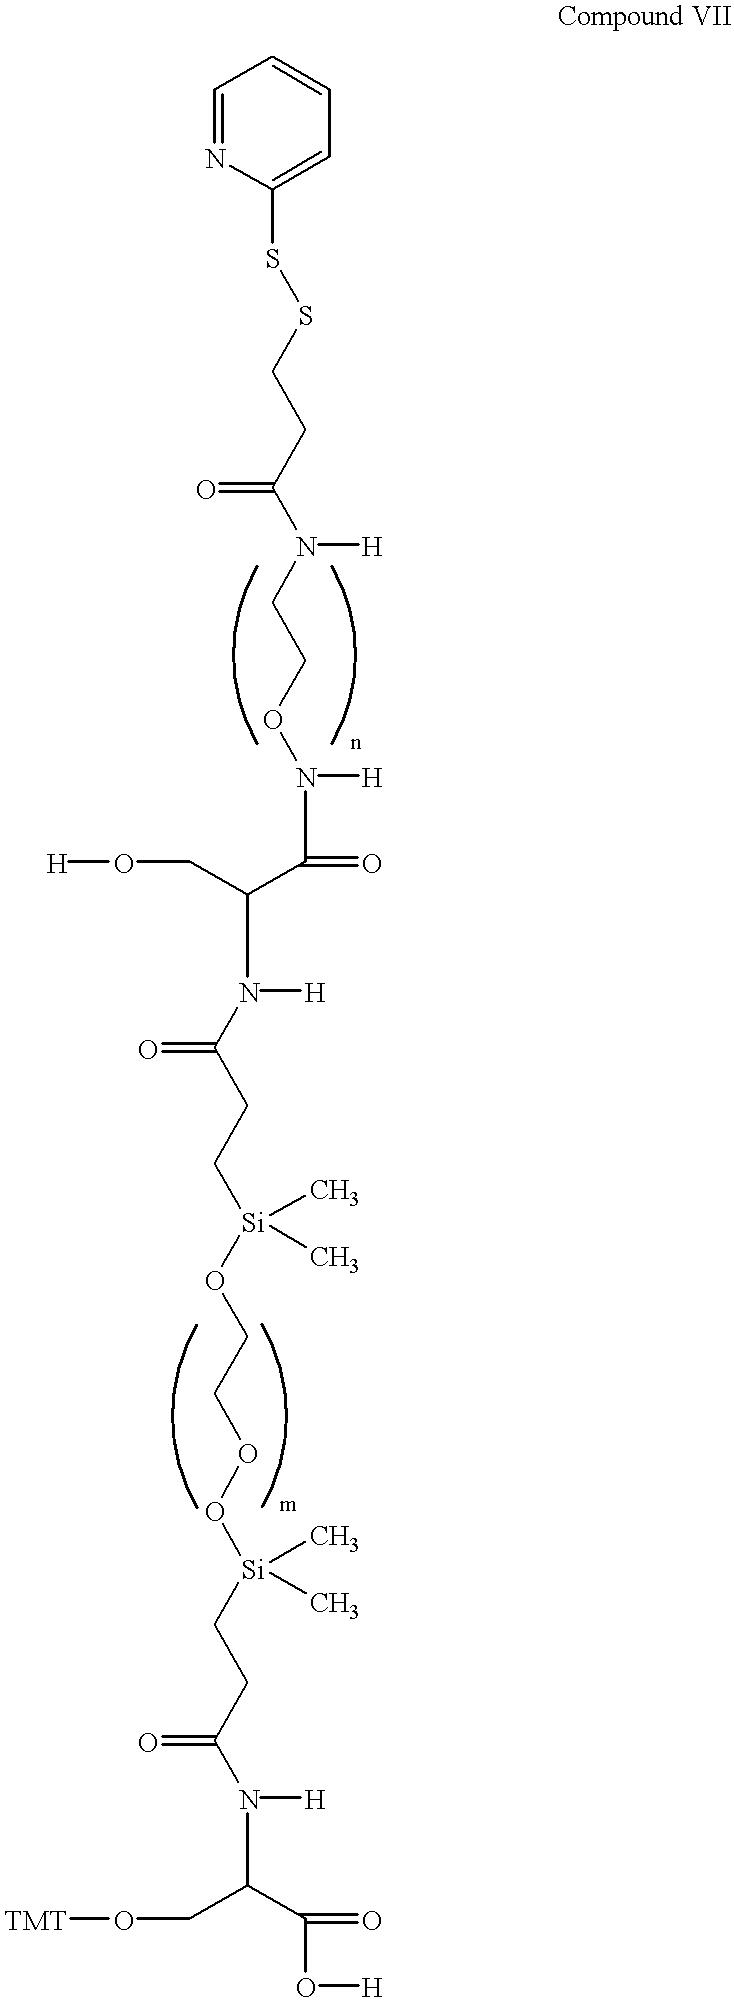 Figure US06331275-20011218-C00007